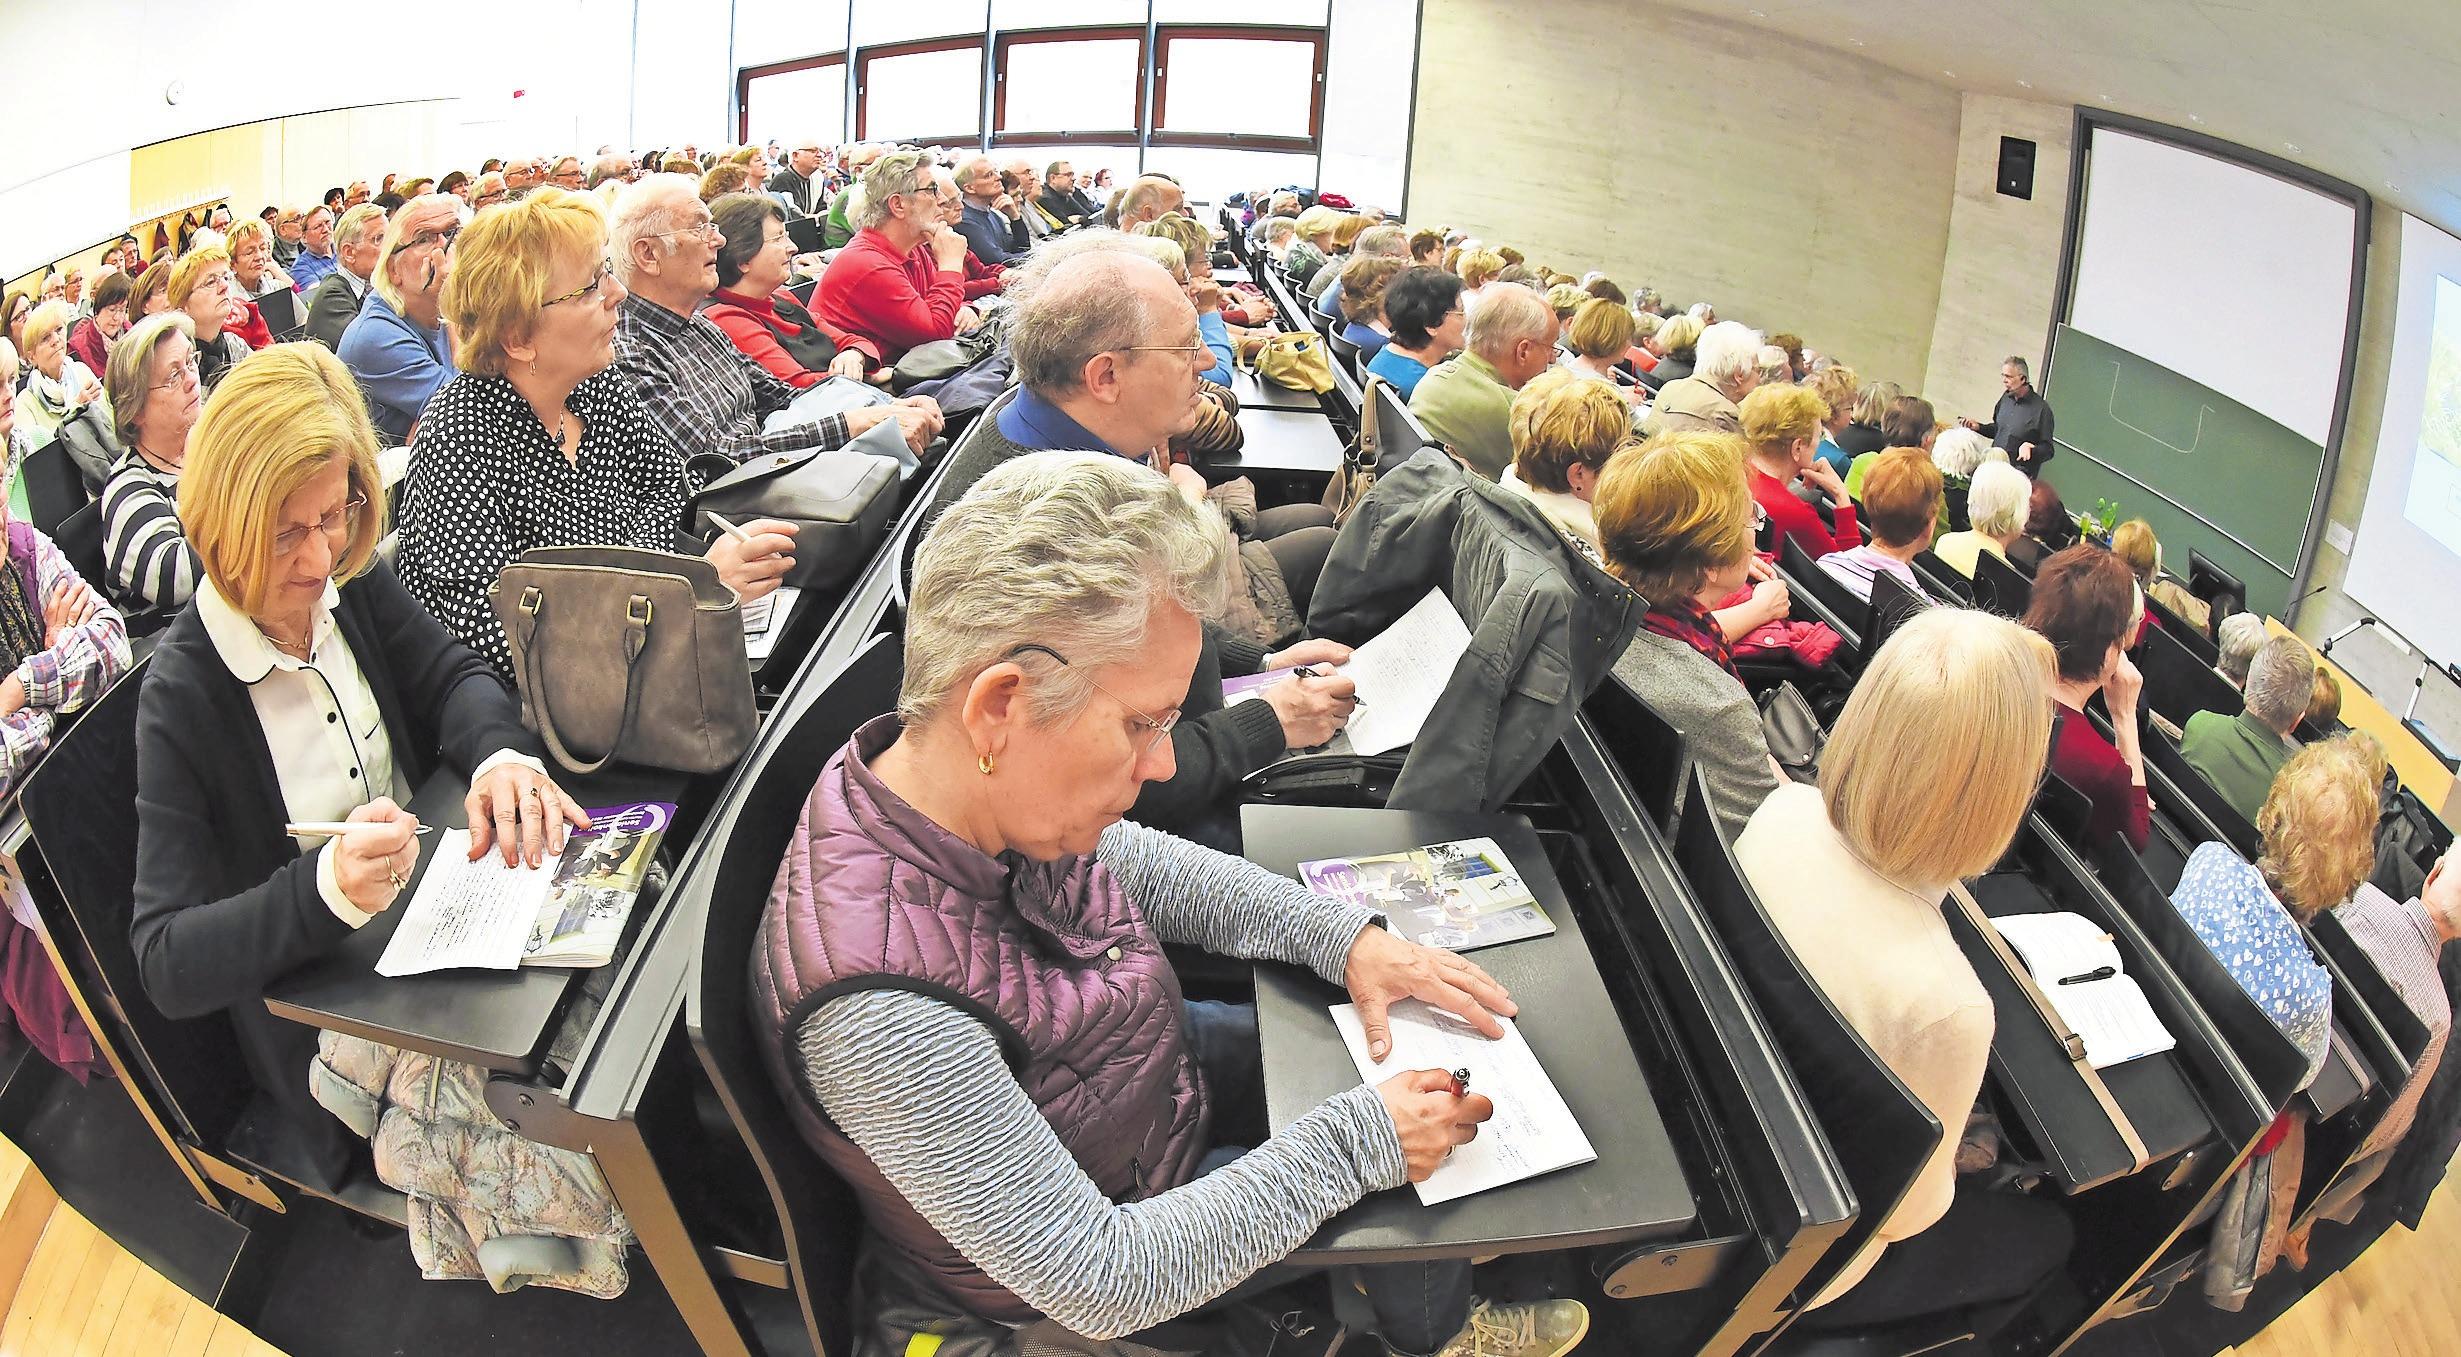 Studieren im Hörsaal – mit Lehrangeboten für Senioren. Foto: dpa